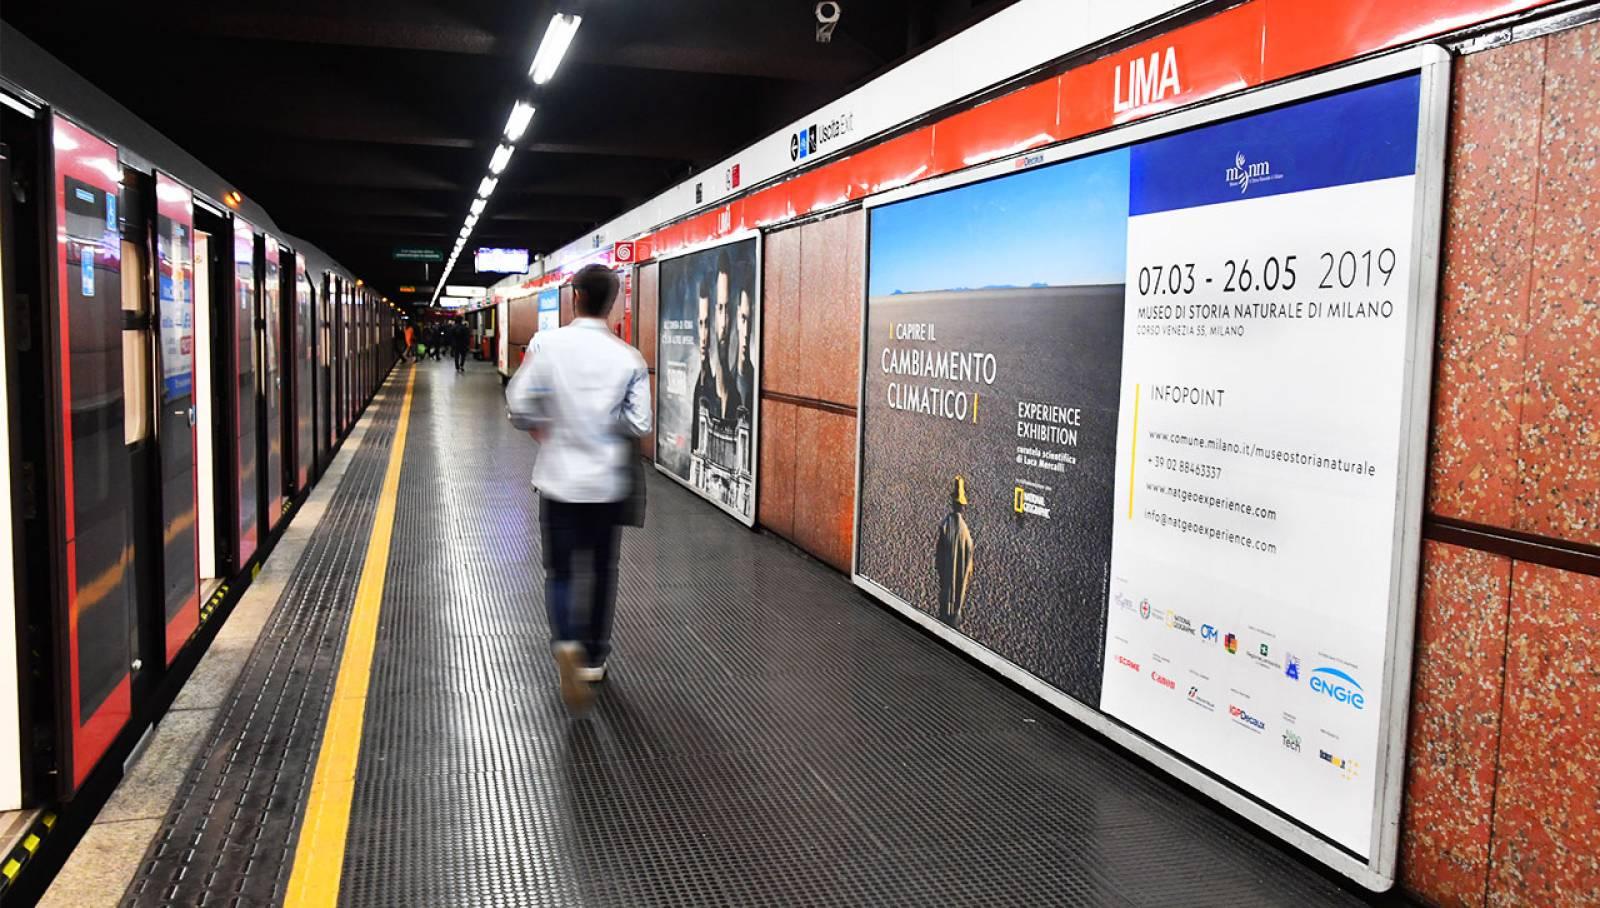 Circuito maxi metropolitana a Milano per Capire il cambiamento climatico - Experience Exhibition IGPDecaux media partner